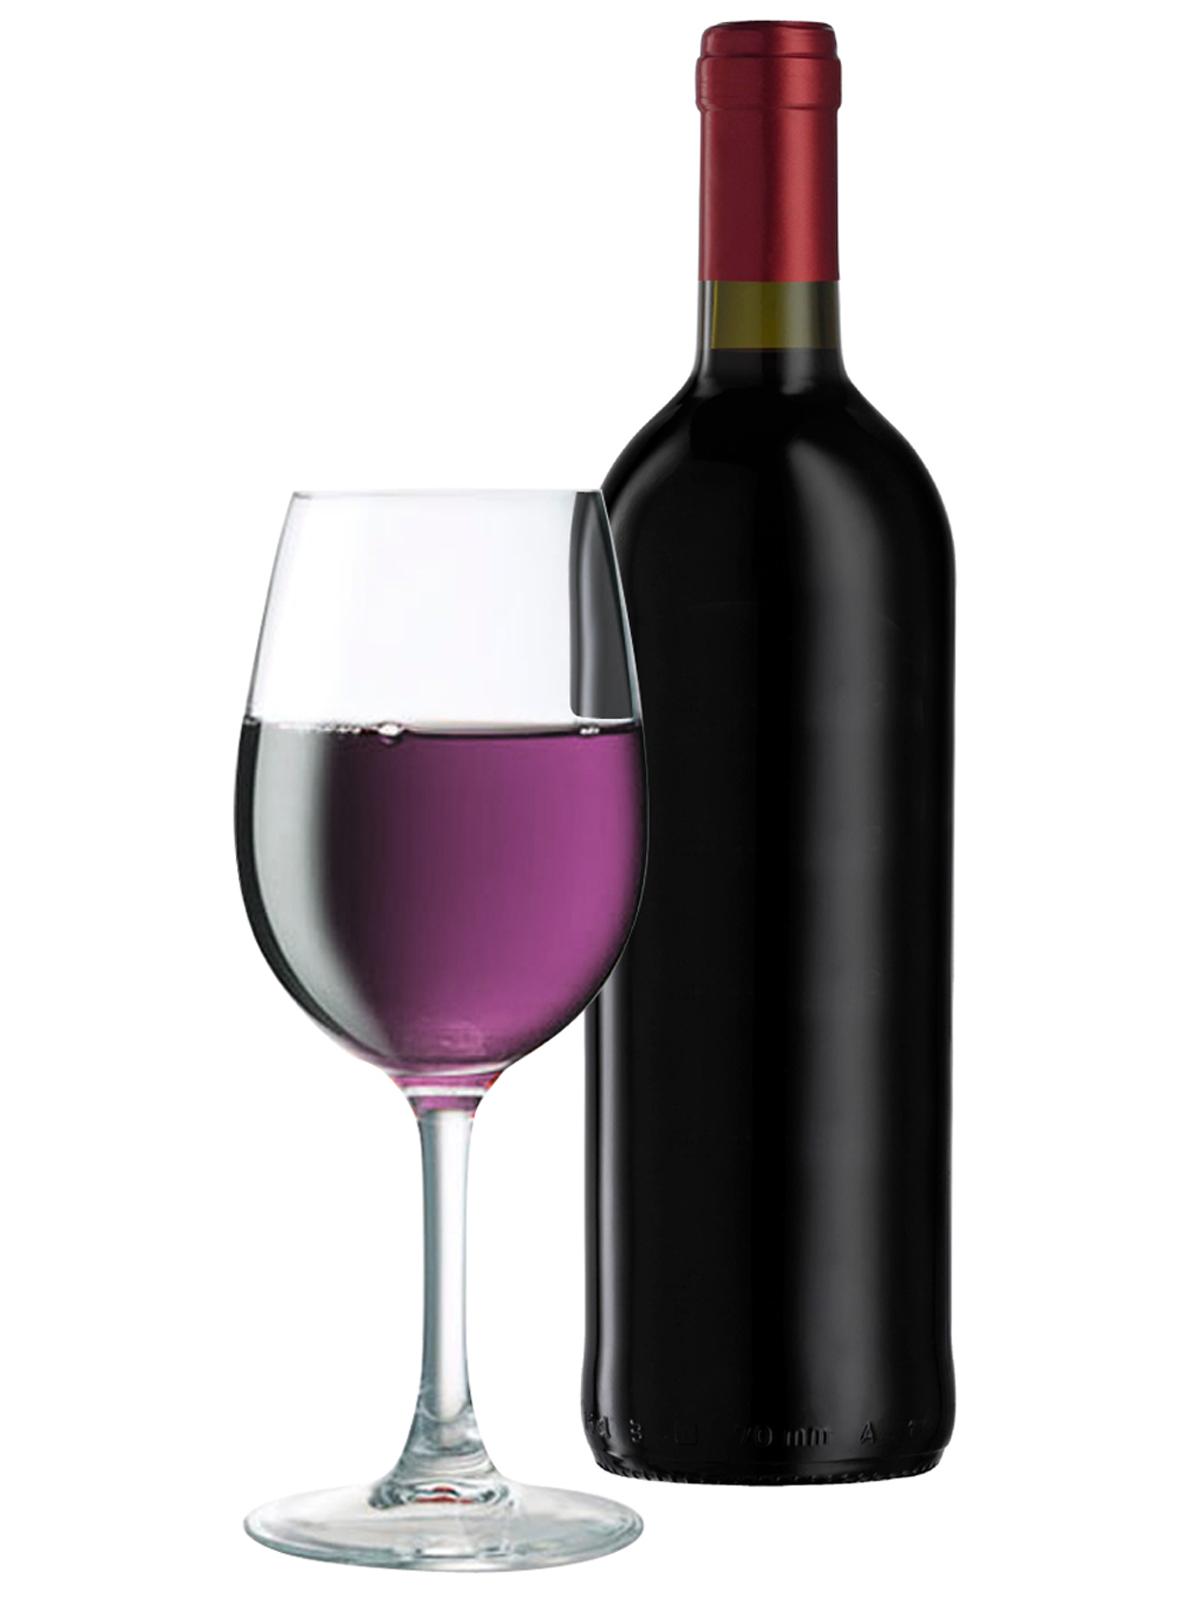 ไวน์ผลไม้องุ่น